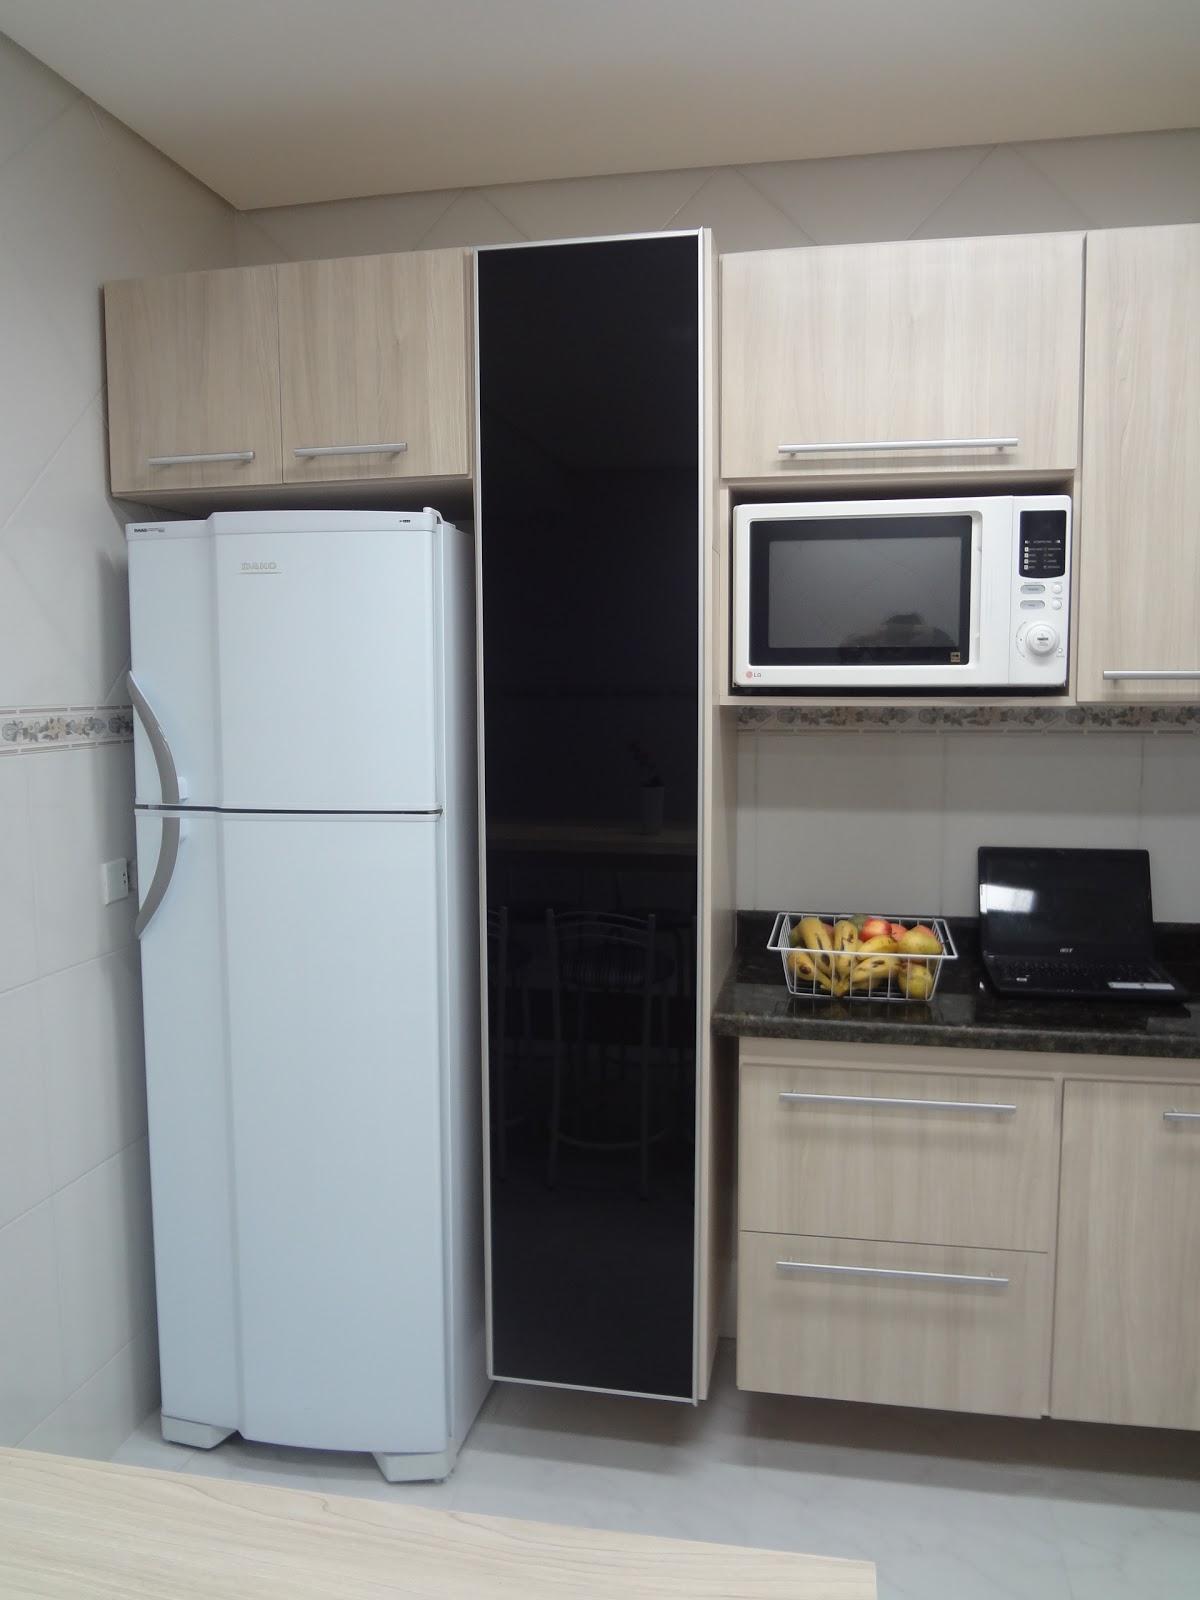 #6B5F4D  de Utensílios (esse ano) e persiana (ano q vem) mas eu já gopsto 1200x1600 px armario de cozinha de madeira com porta de vidro @ bernauer.info Móveis Antigos Novos E Usados Online